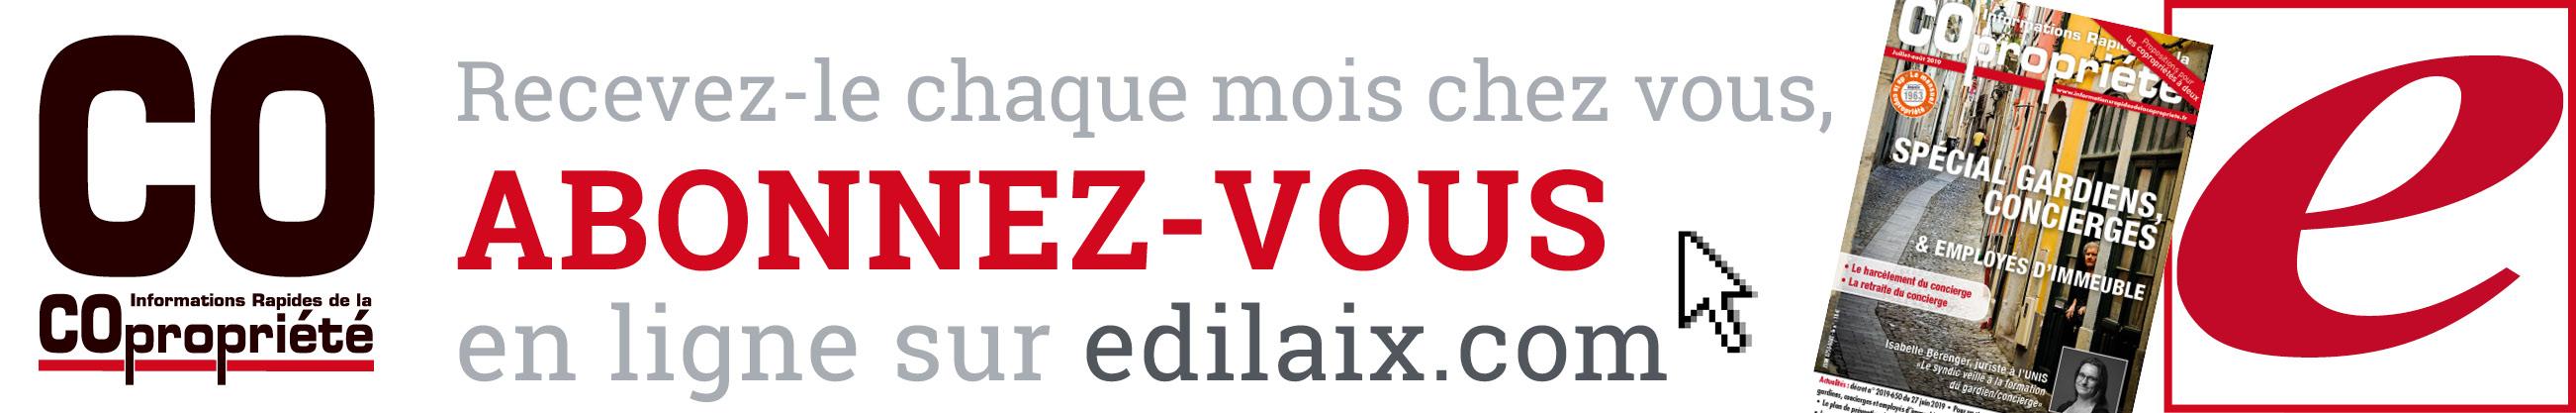 Banniere IRC abonnements24.jpg